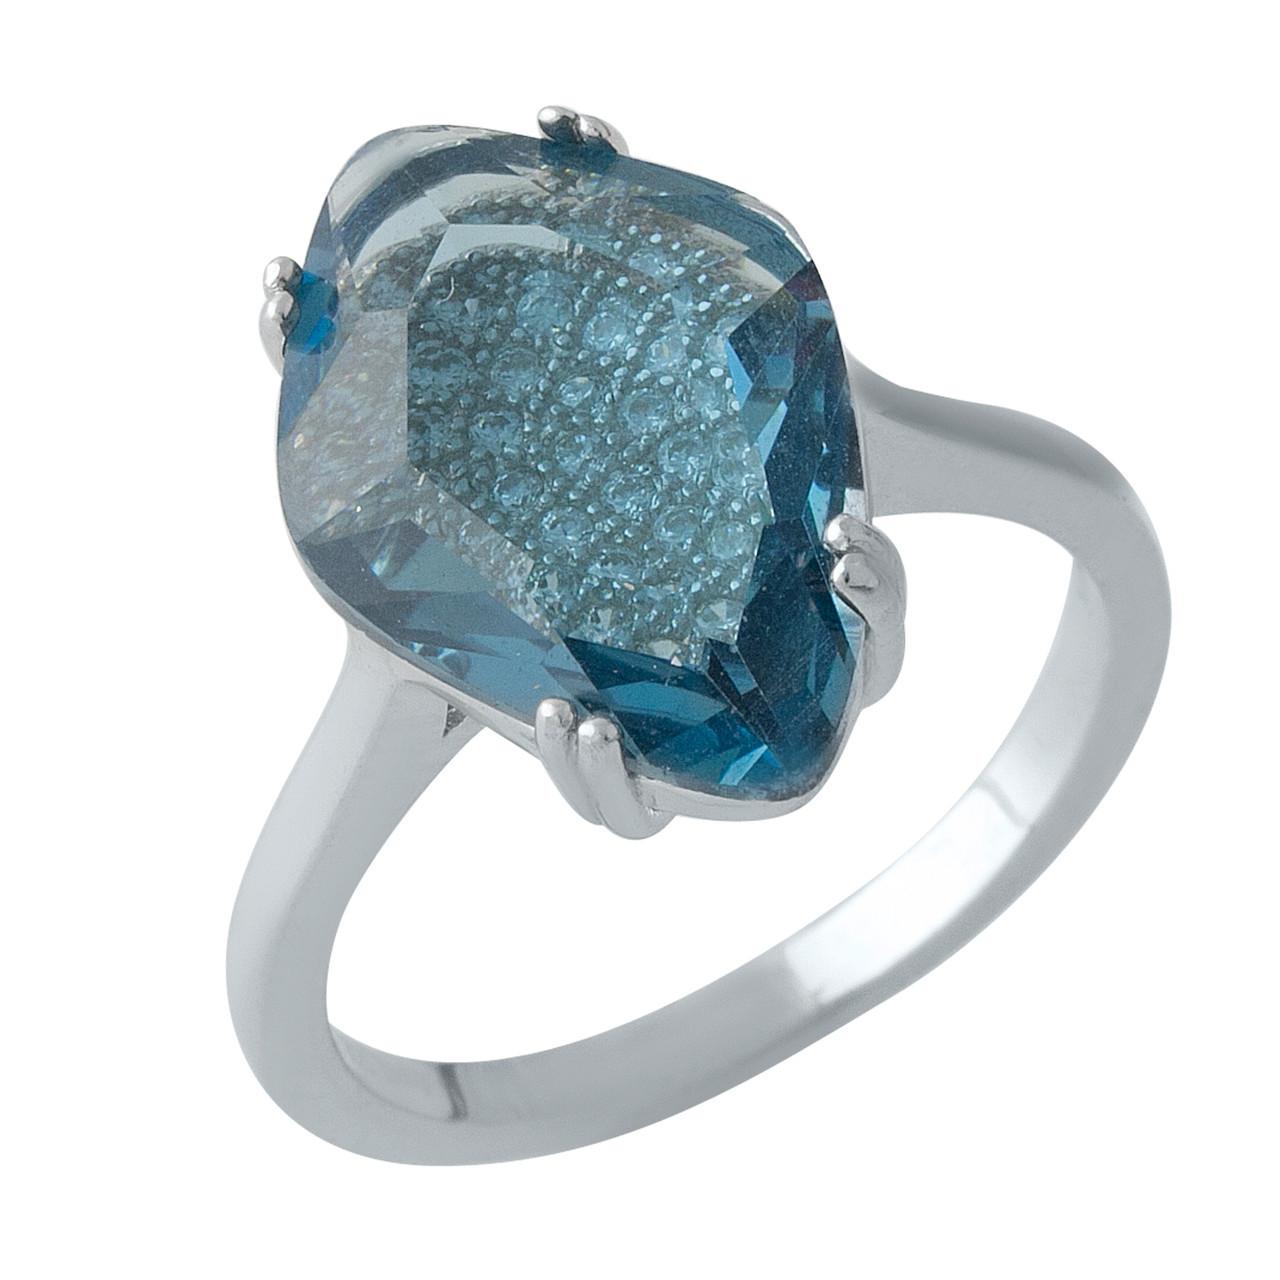 Родированное серебряное кольцо 925 пробы с топазом nano Лондон Блю